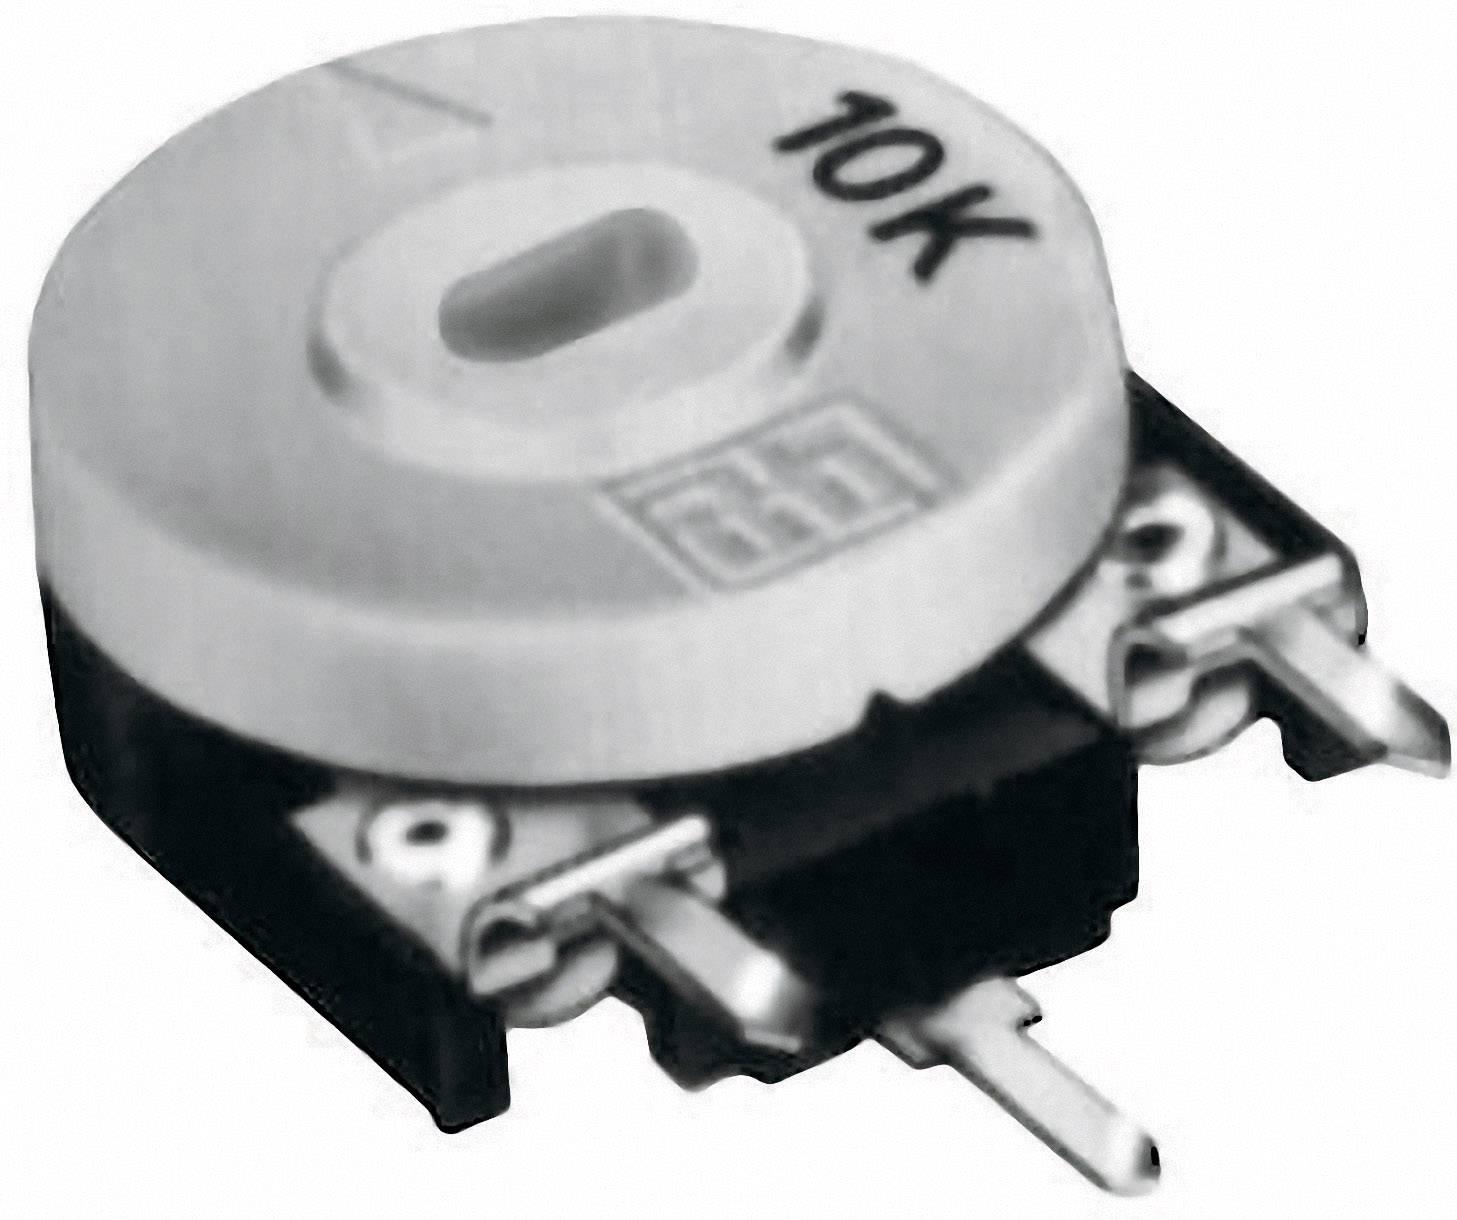 Uhlíkový trimr TT Electro, 21553605, 100 kΩ, 0,15 W, ± 20 %